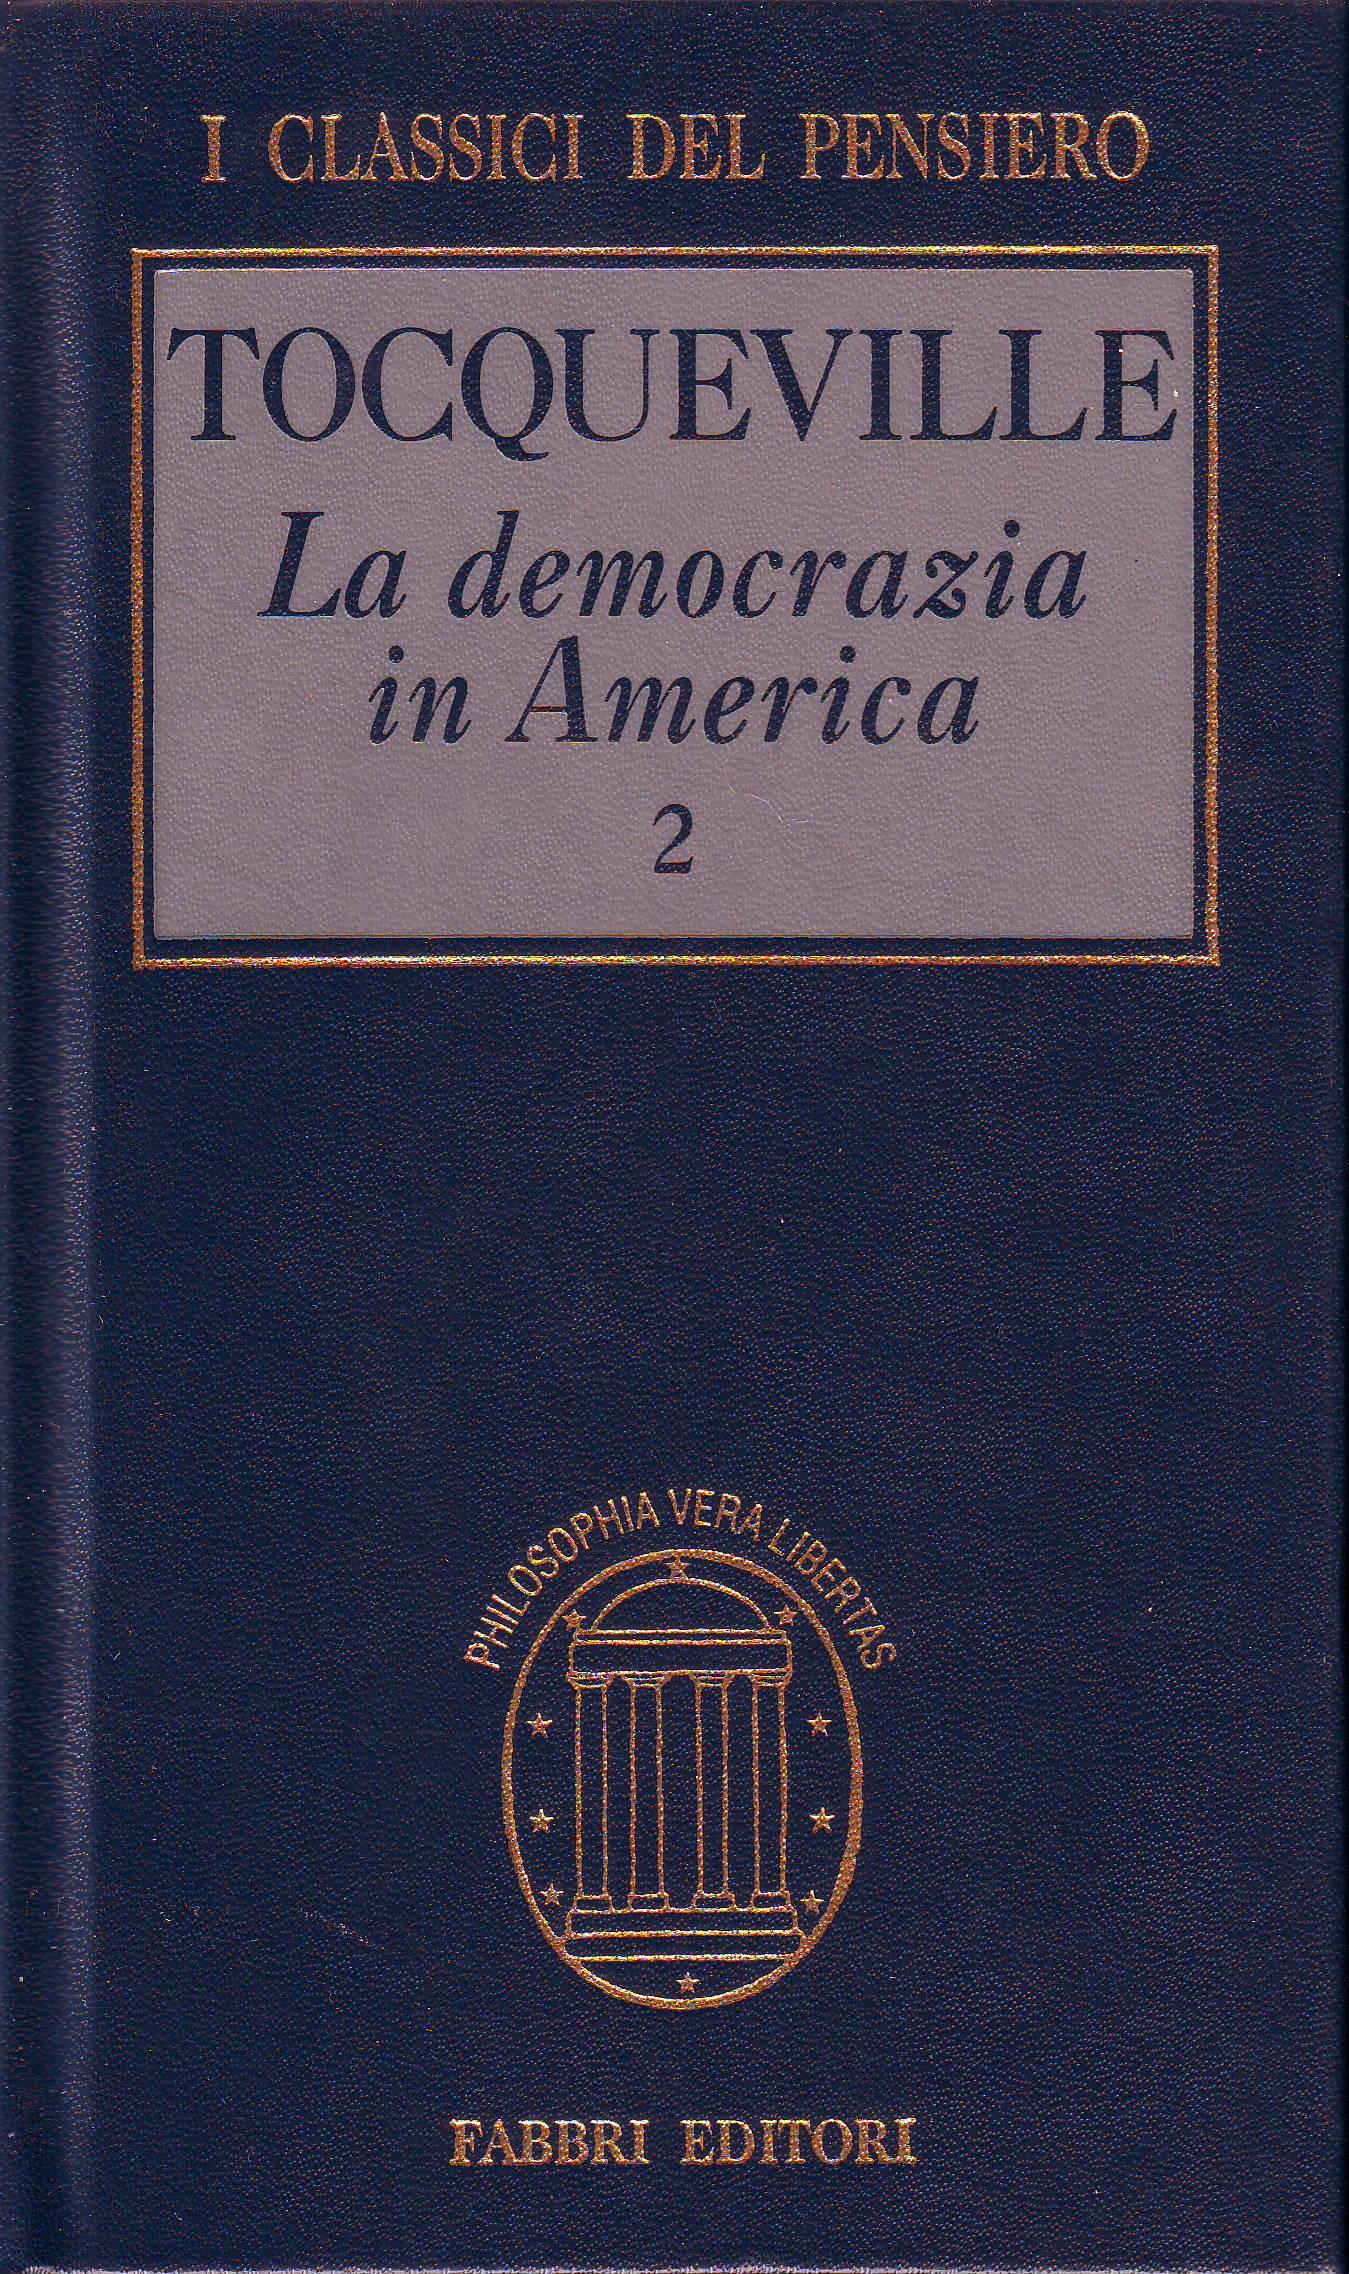 La democrazia in America vol.2